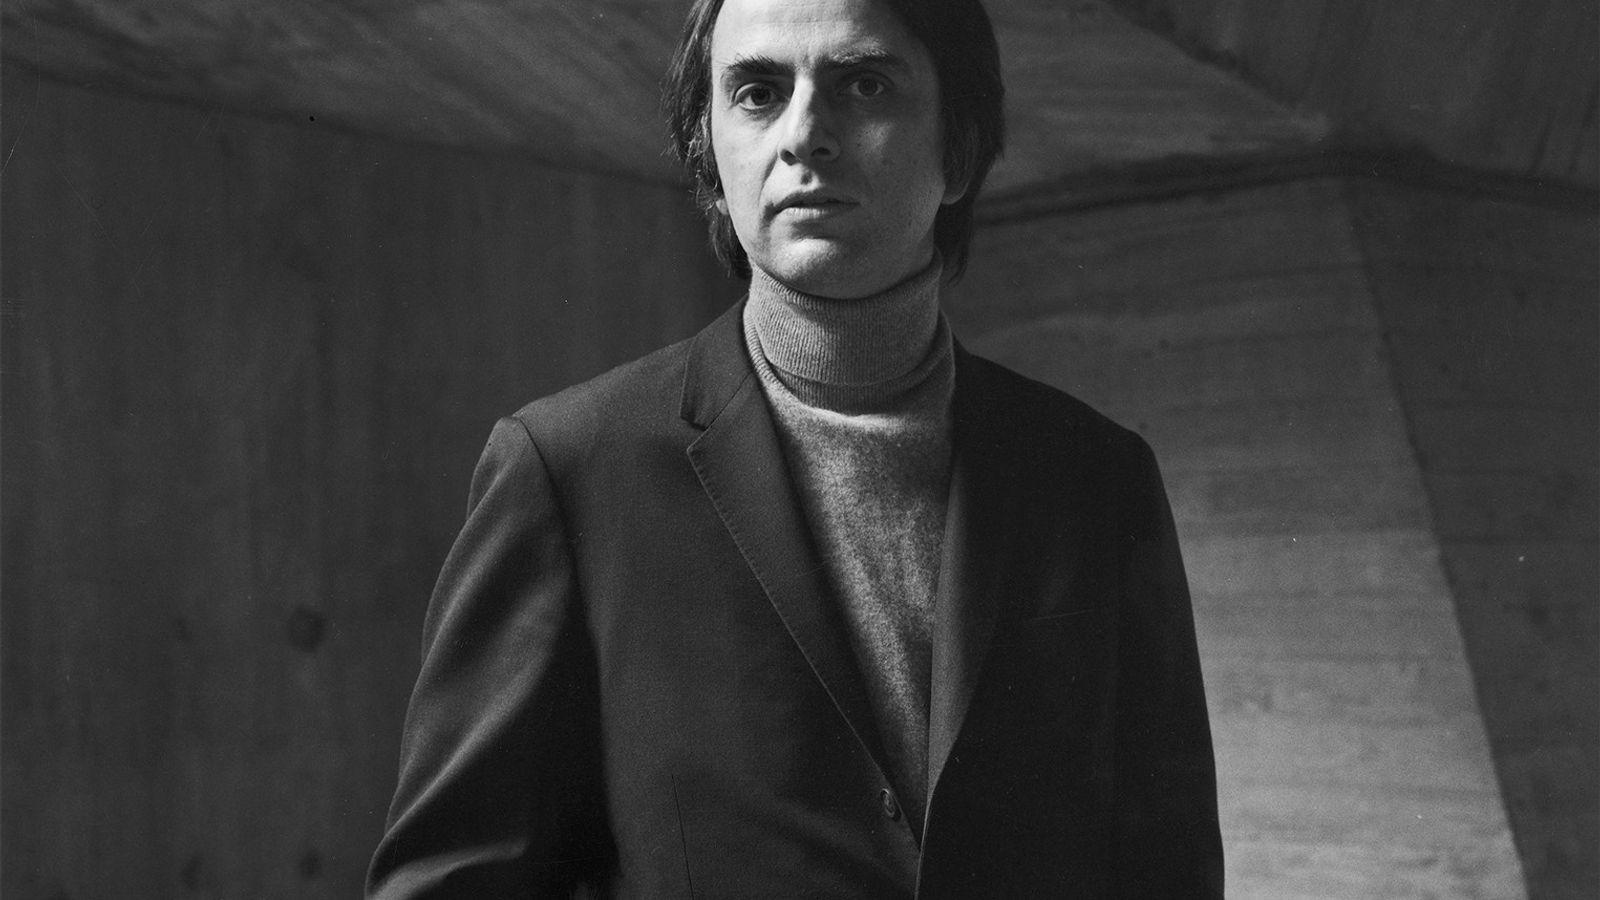 """Der Astronom Carl Sagan war der """"berühmteste US-Wissenschaftler der 1980er und frühen 1990er Jahre""""."""